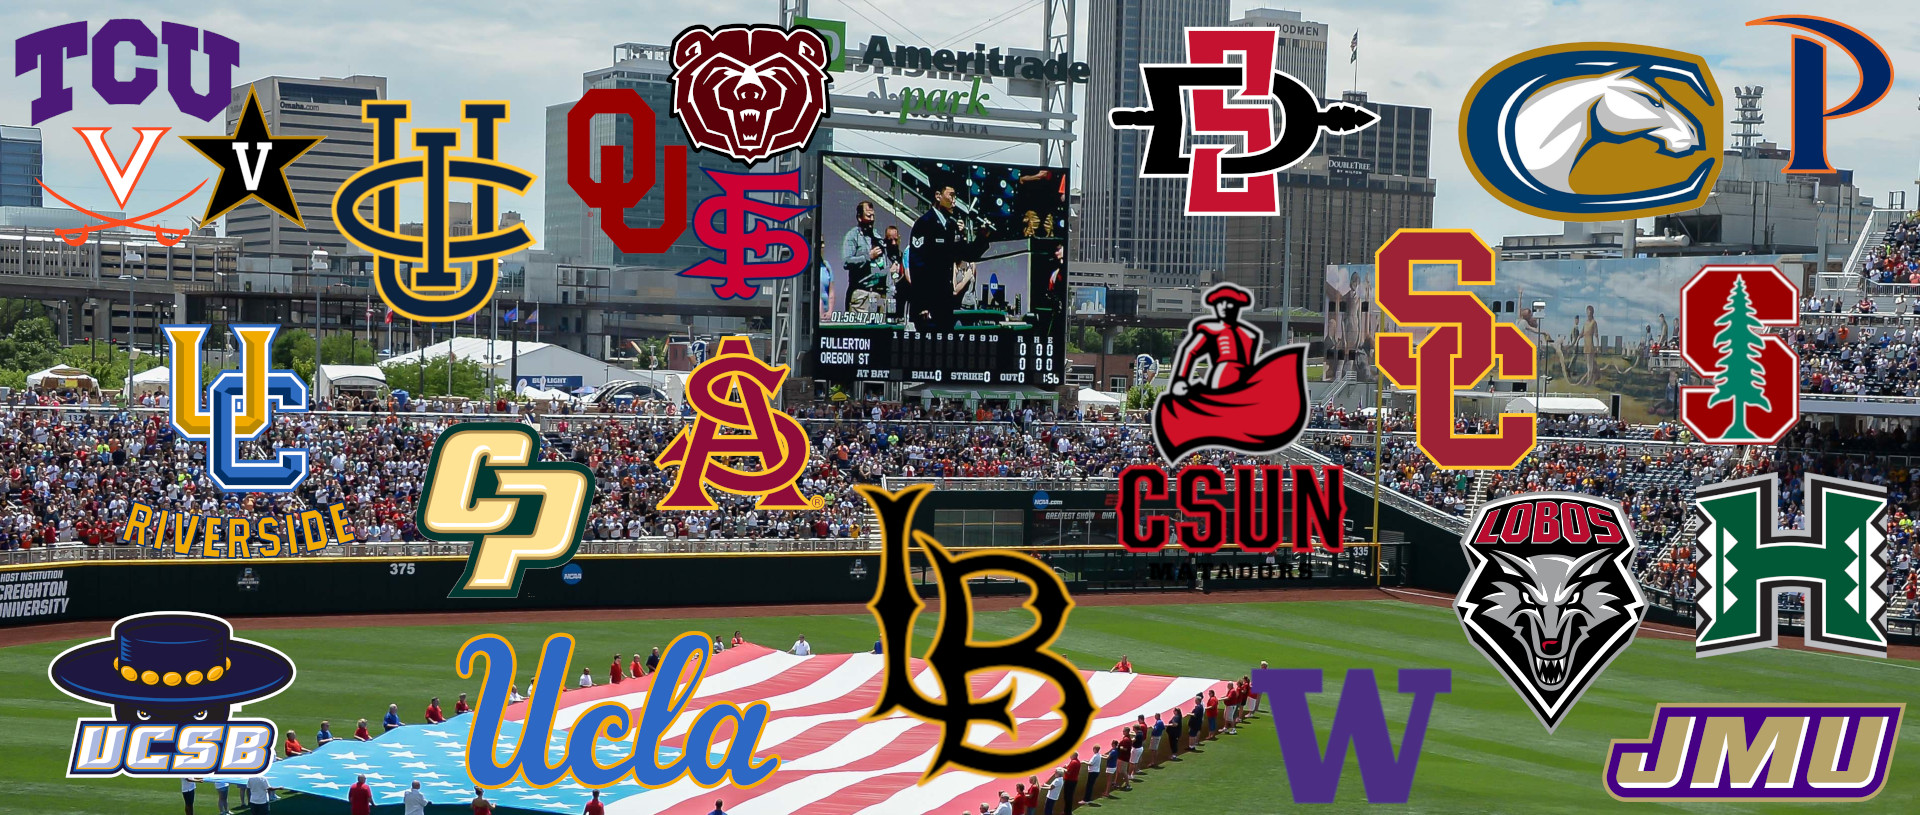 Cal State Fullerton Baseball 2019 Opponents